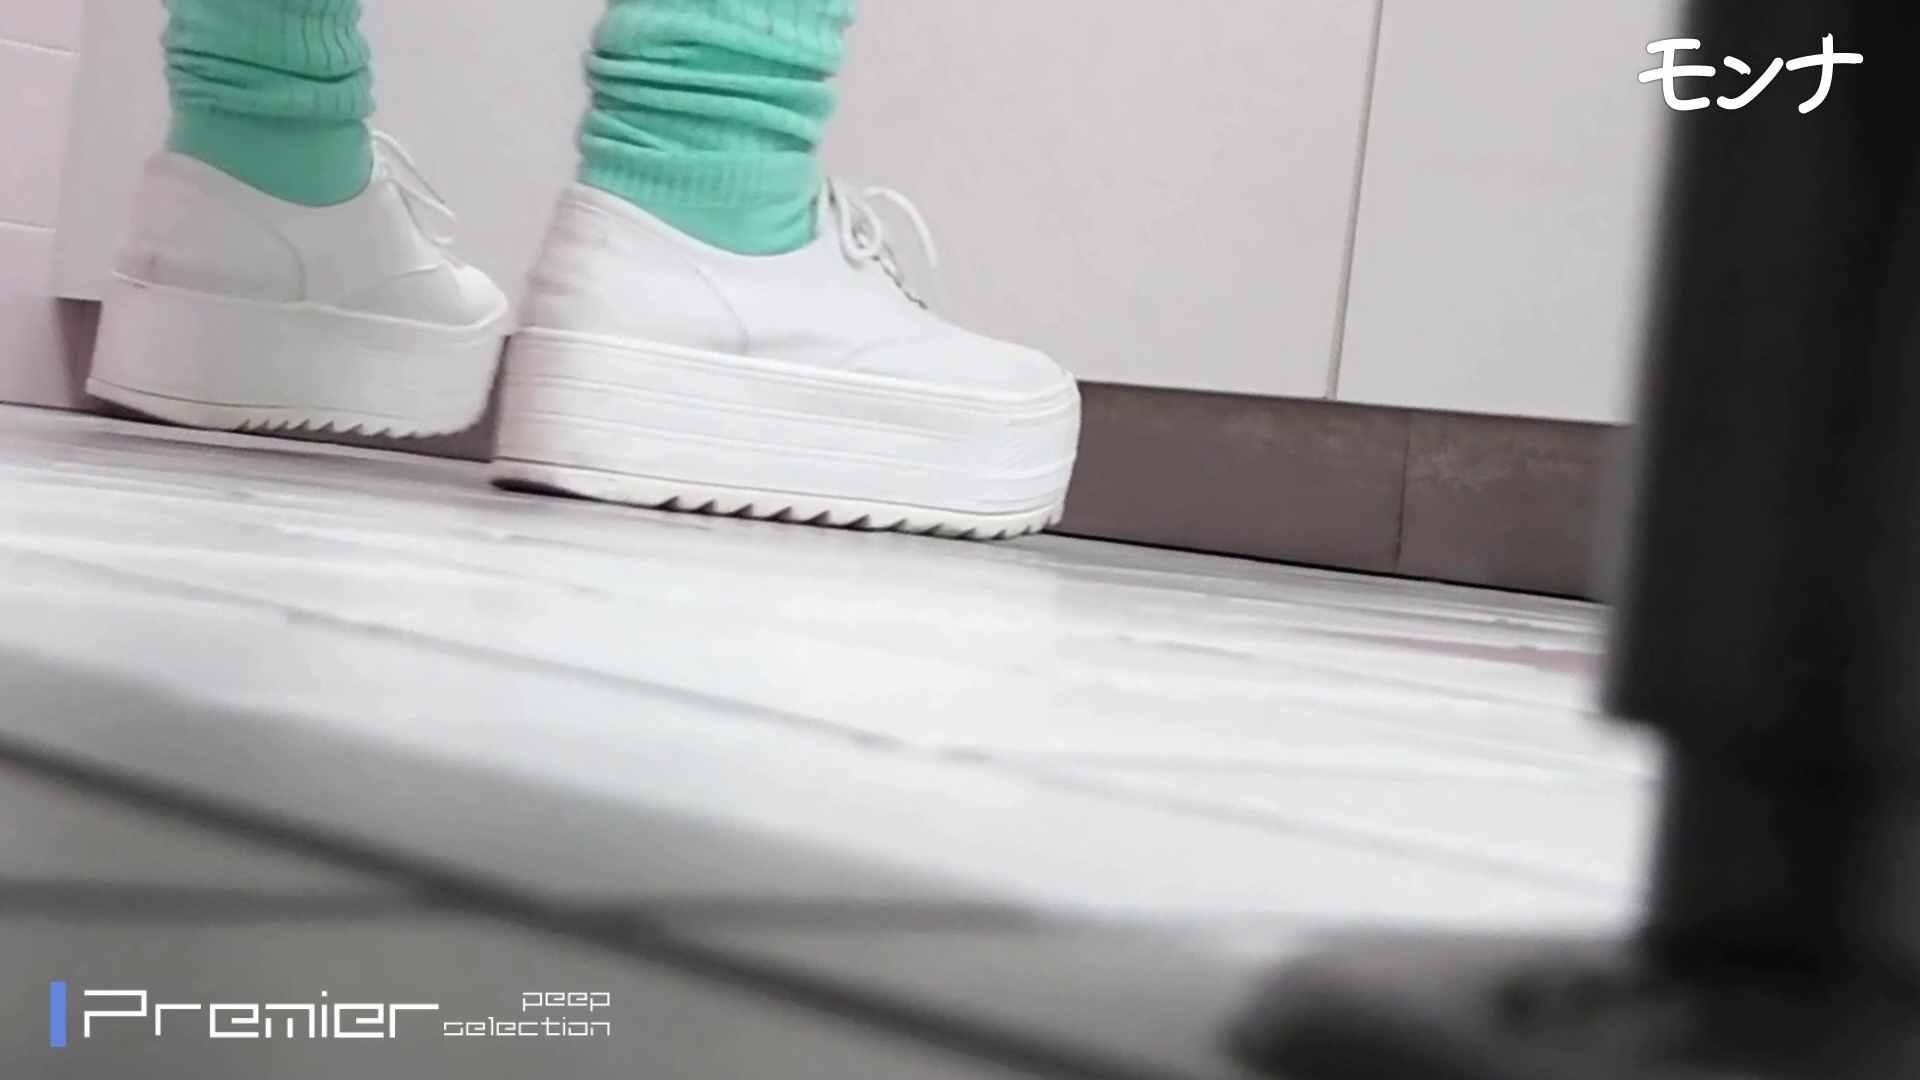 CM 悶絶シリーズ5 【美しい日本の未来 No.128】 細身女性 オメコ無修正動画無料 58画像 7